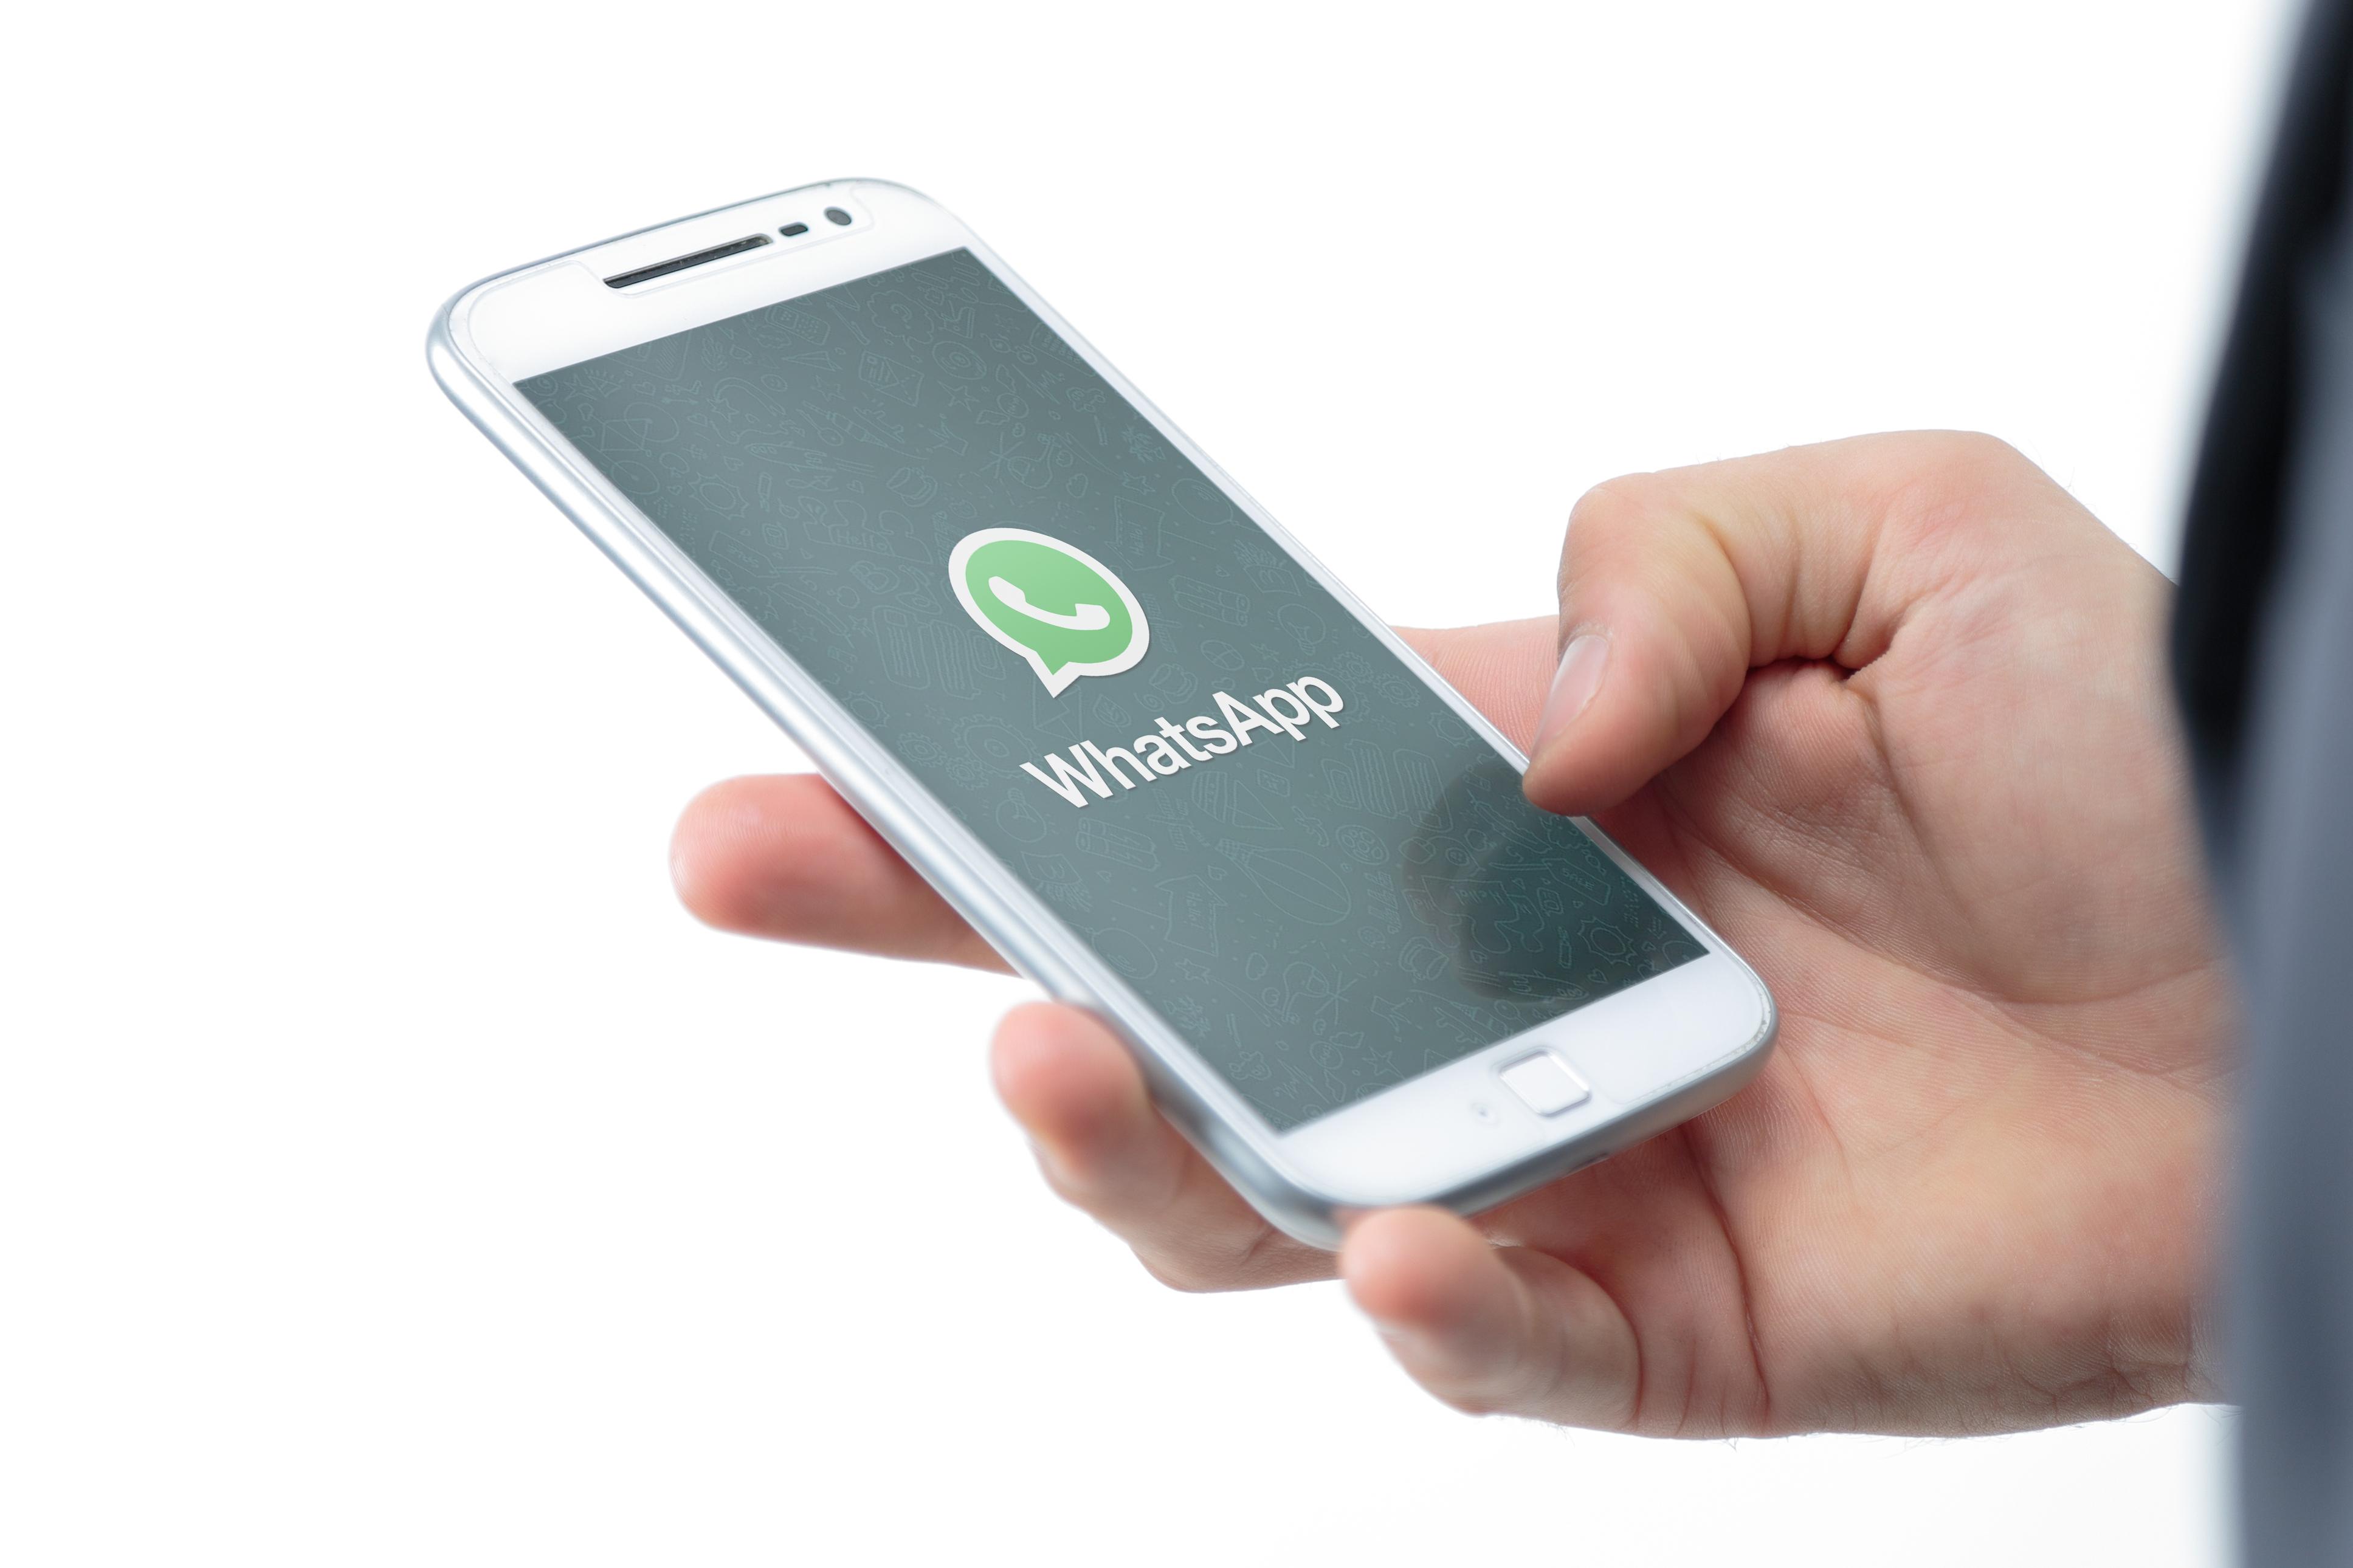 WhatsApp: So kannst du den Dark Mode aktivieren